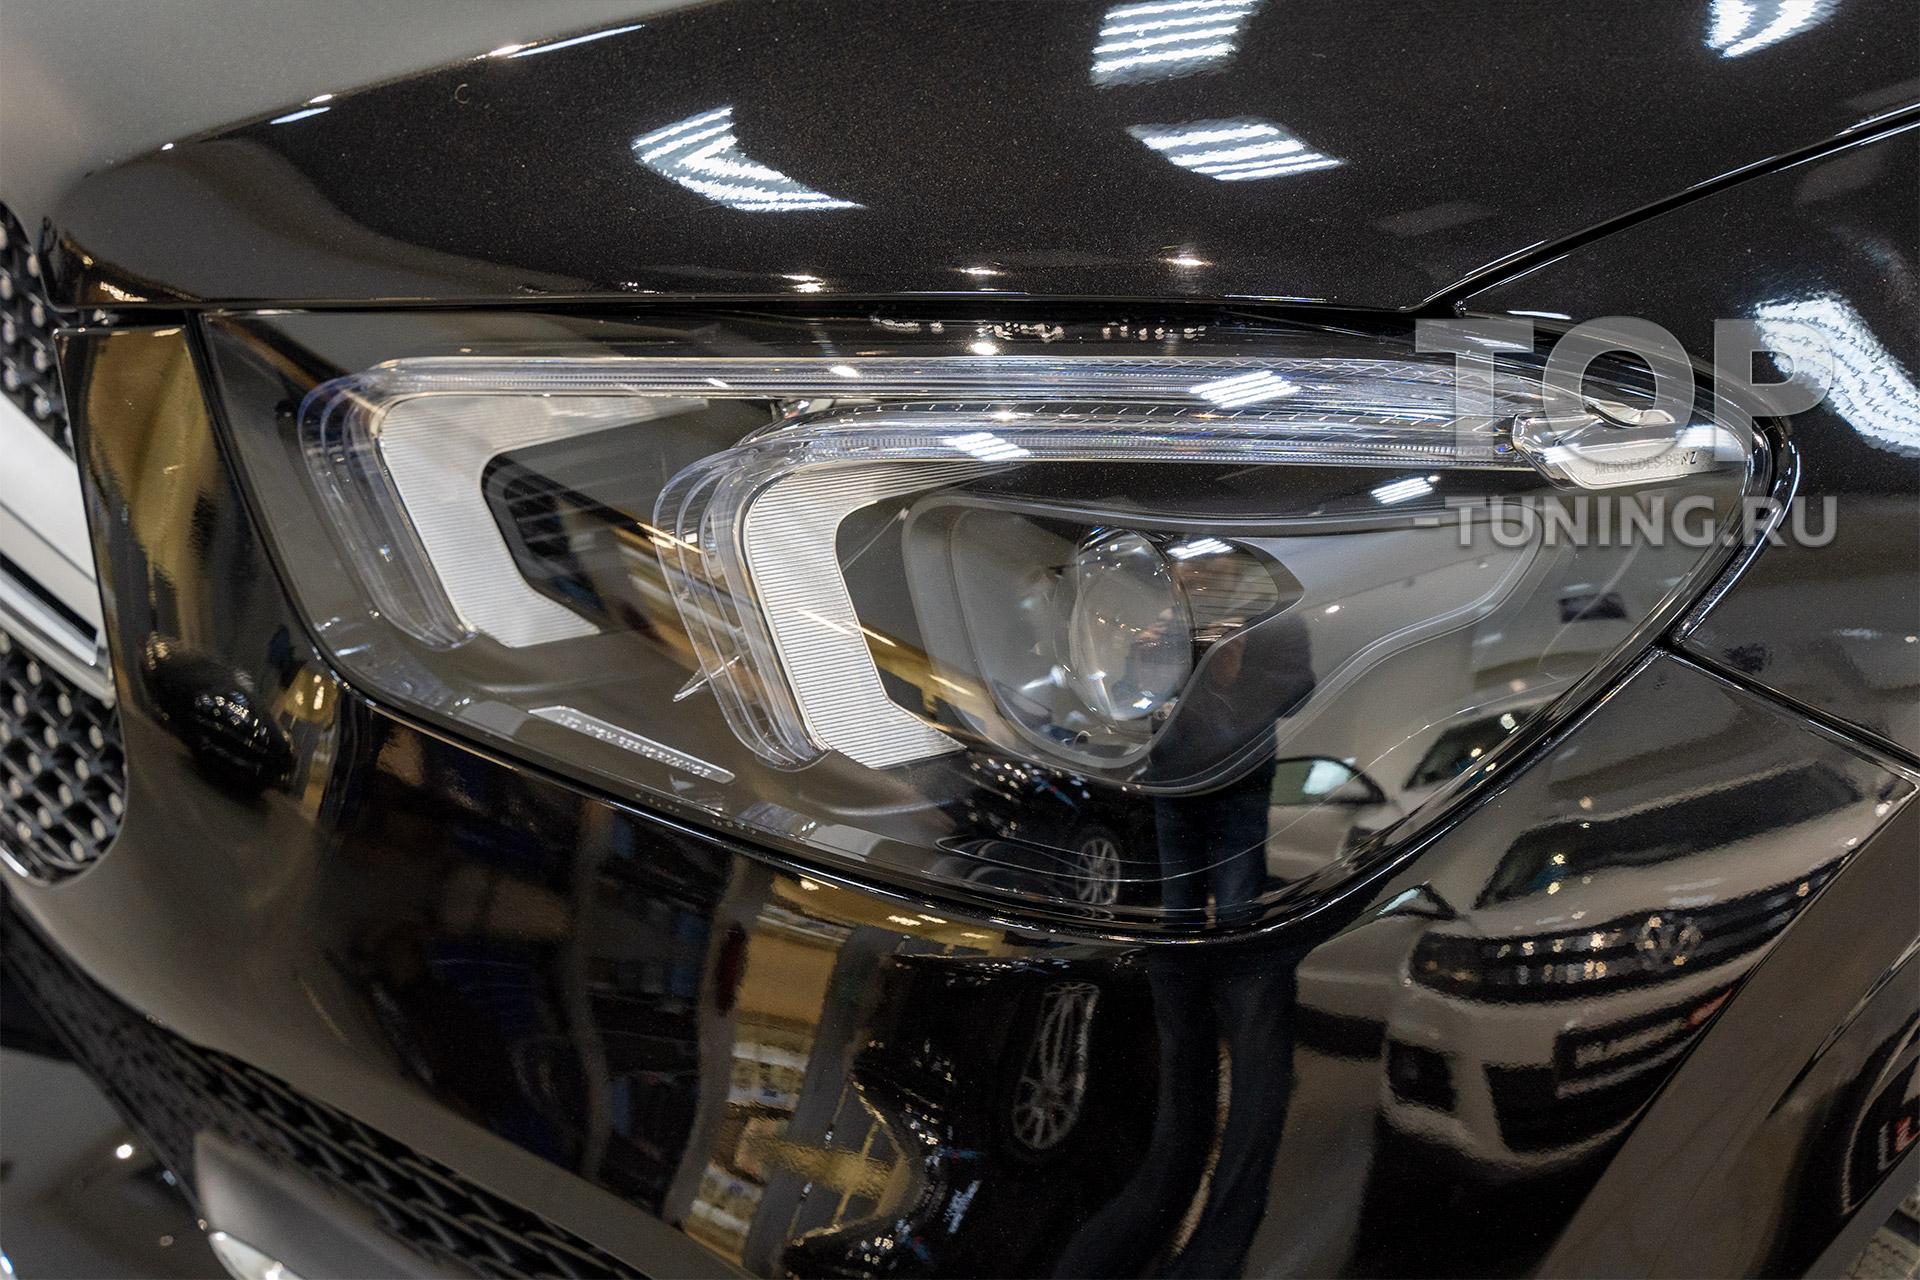 104204 Защита зоны риска Mercedes GLE V167 + установка Android 9.0 в штатную мультимедиа